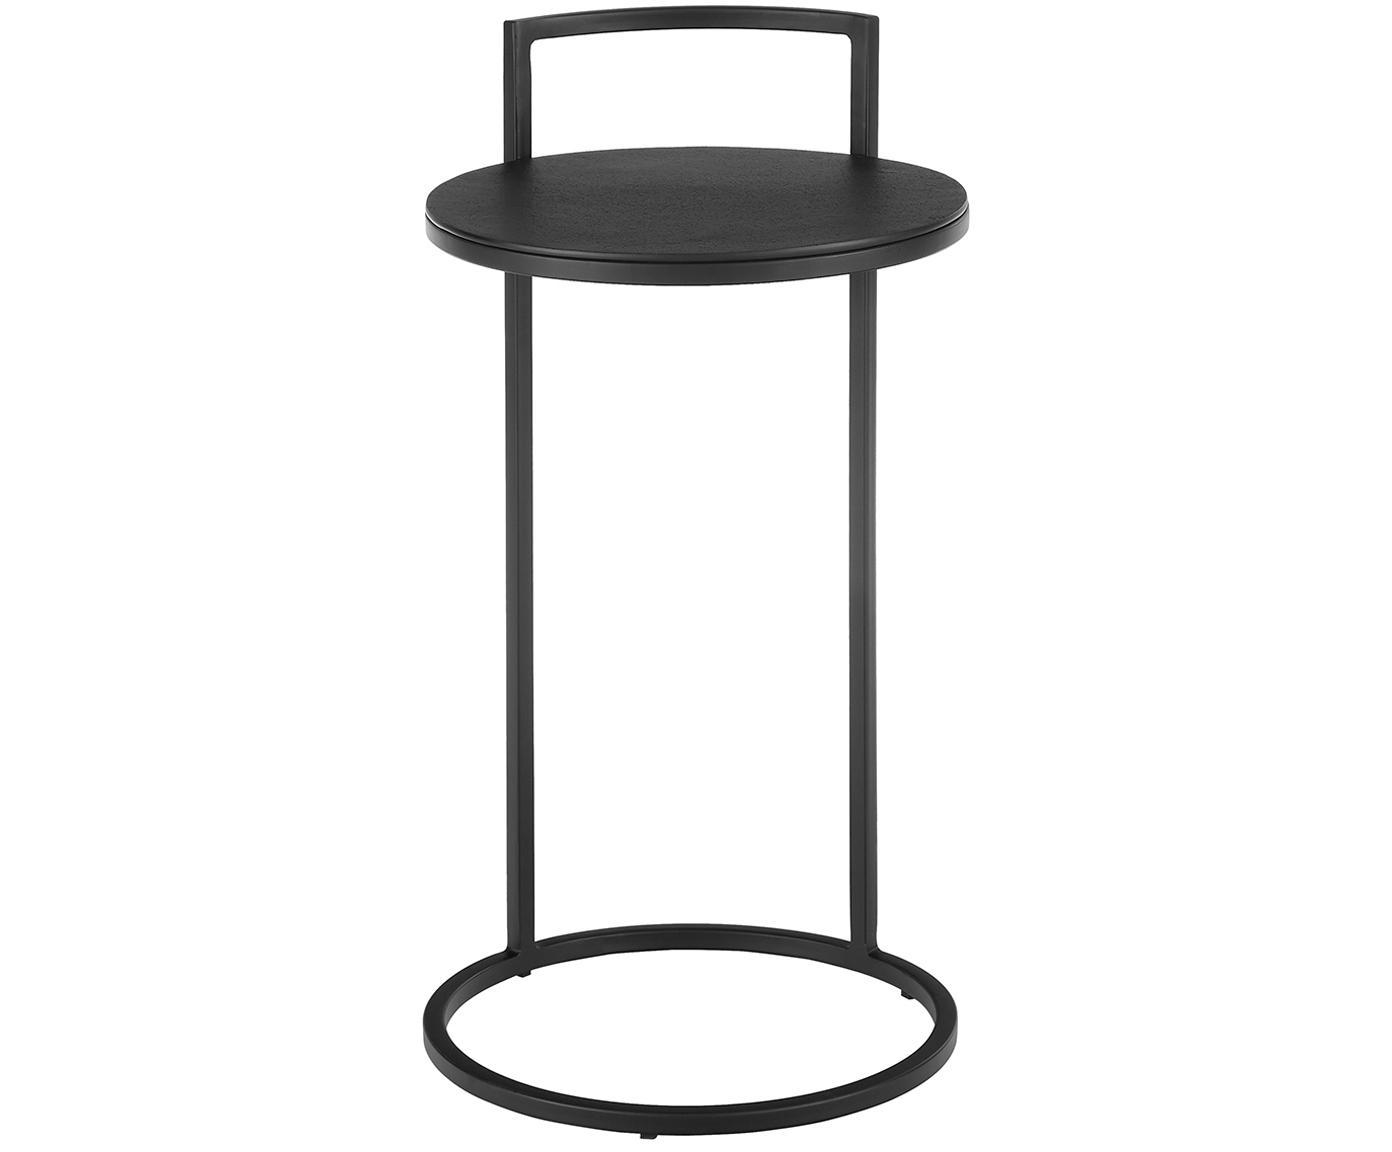 Tavolino rotondo in metallo Circle, Piano d'appoggio: metallo verniciato a polv, Struttura: metallo, verniciato a pol, Piano d'appoggio: nero con finitura antica Struttura: nero opaco, Ø 36 x Alt. 66 cm